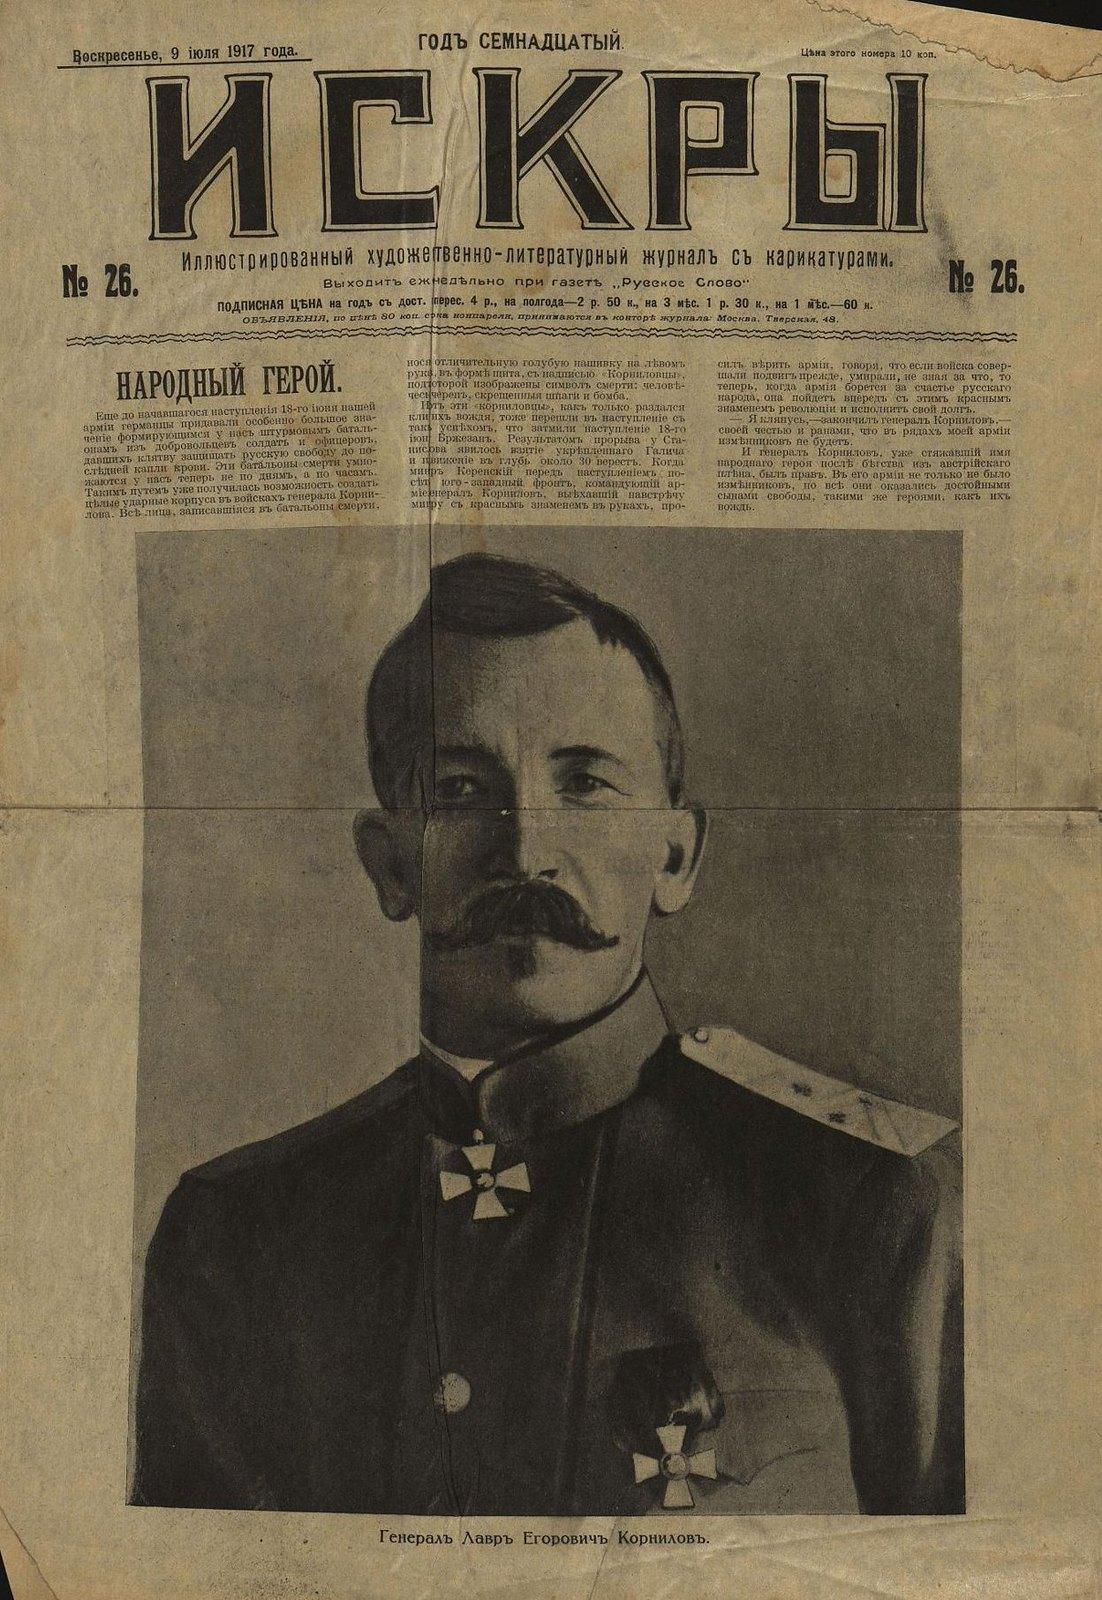 18. 9 июля. Генерал Лавр Егорович Корнилов - народный герой. Искры. № 26. Воскресенье,